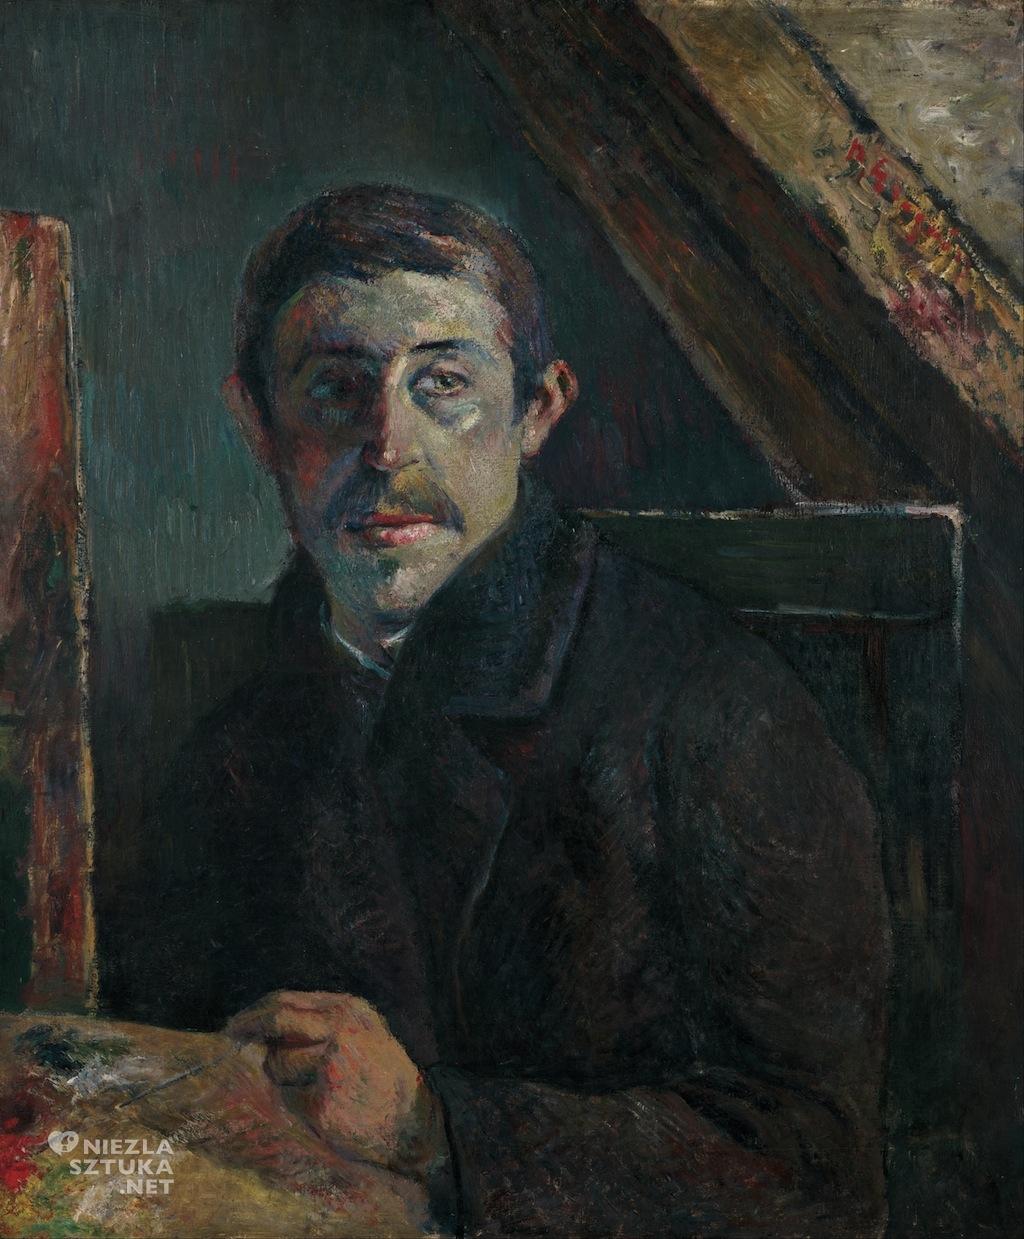 Paul Gauguin, Autoportret, sztuka europejska, malarstwo, Niezła Sztuka